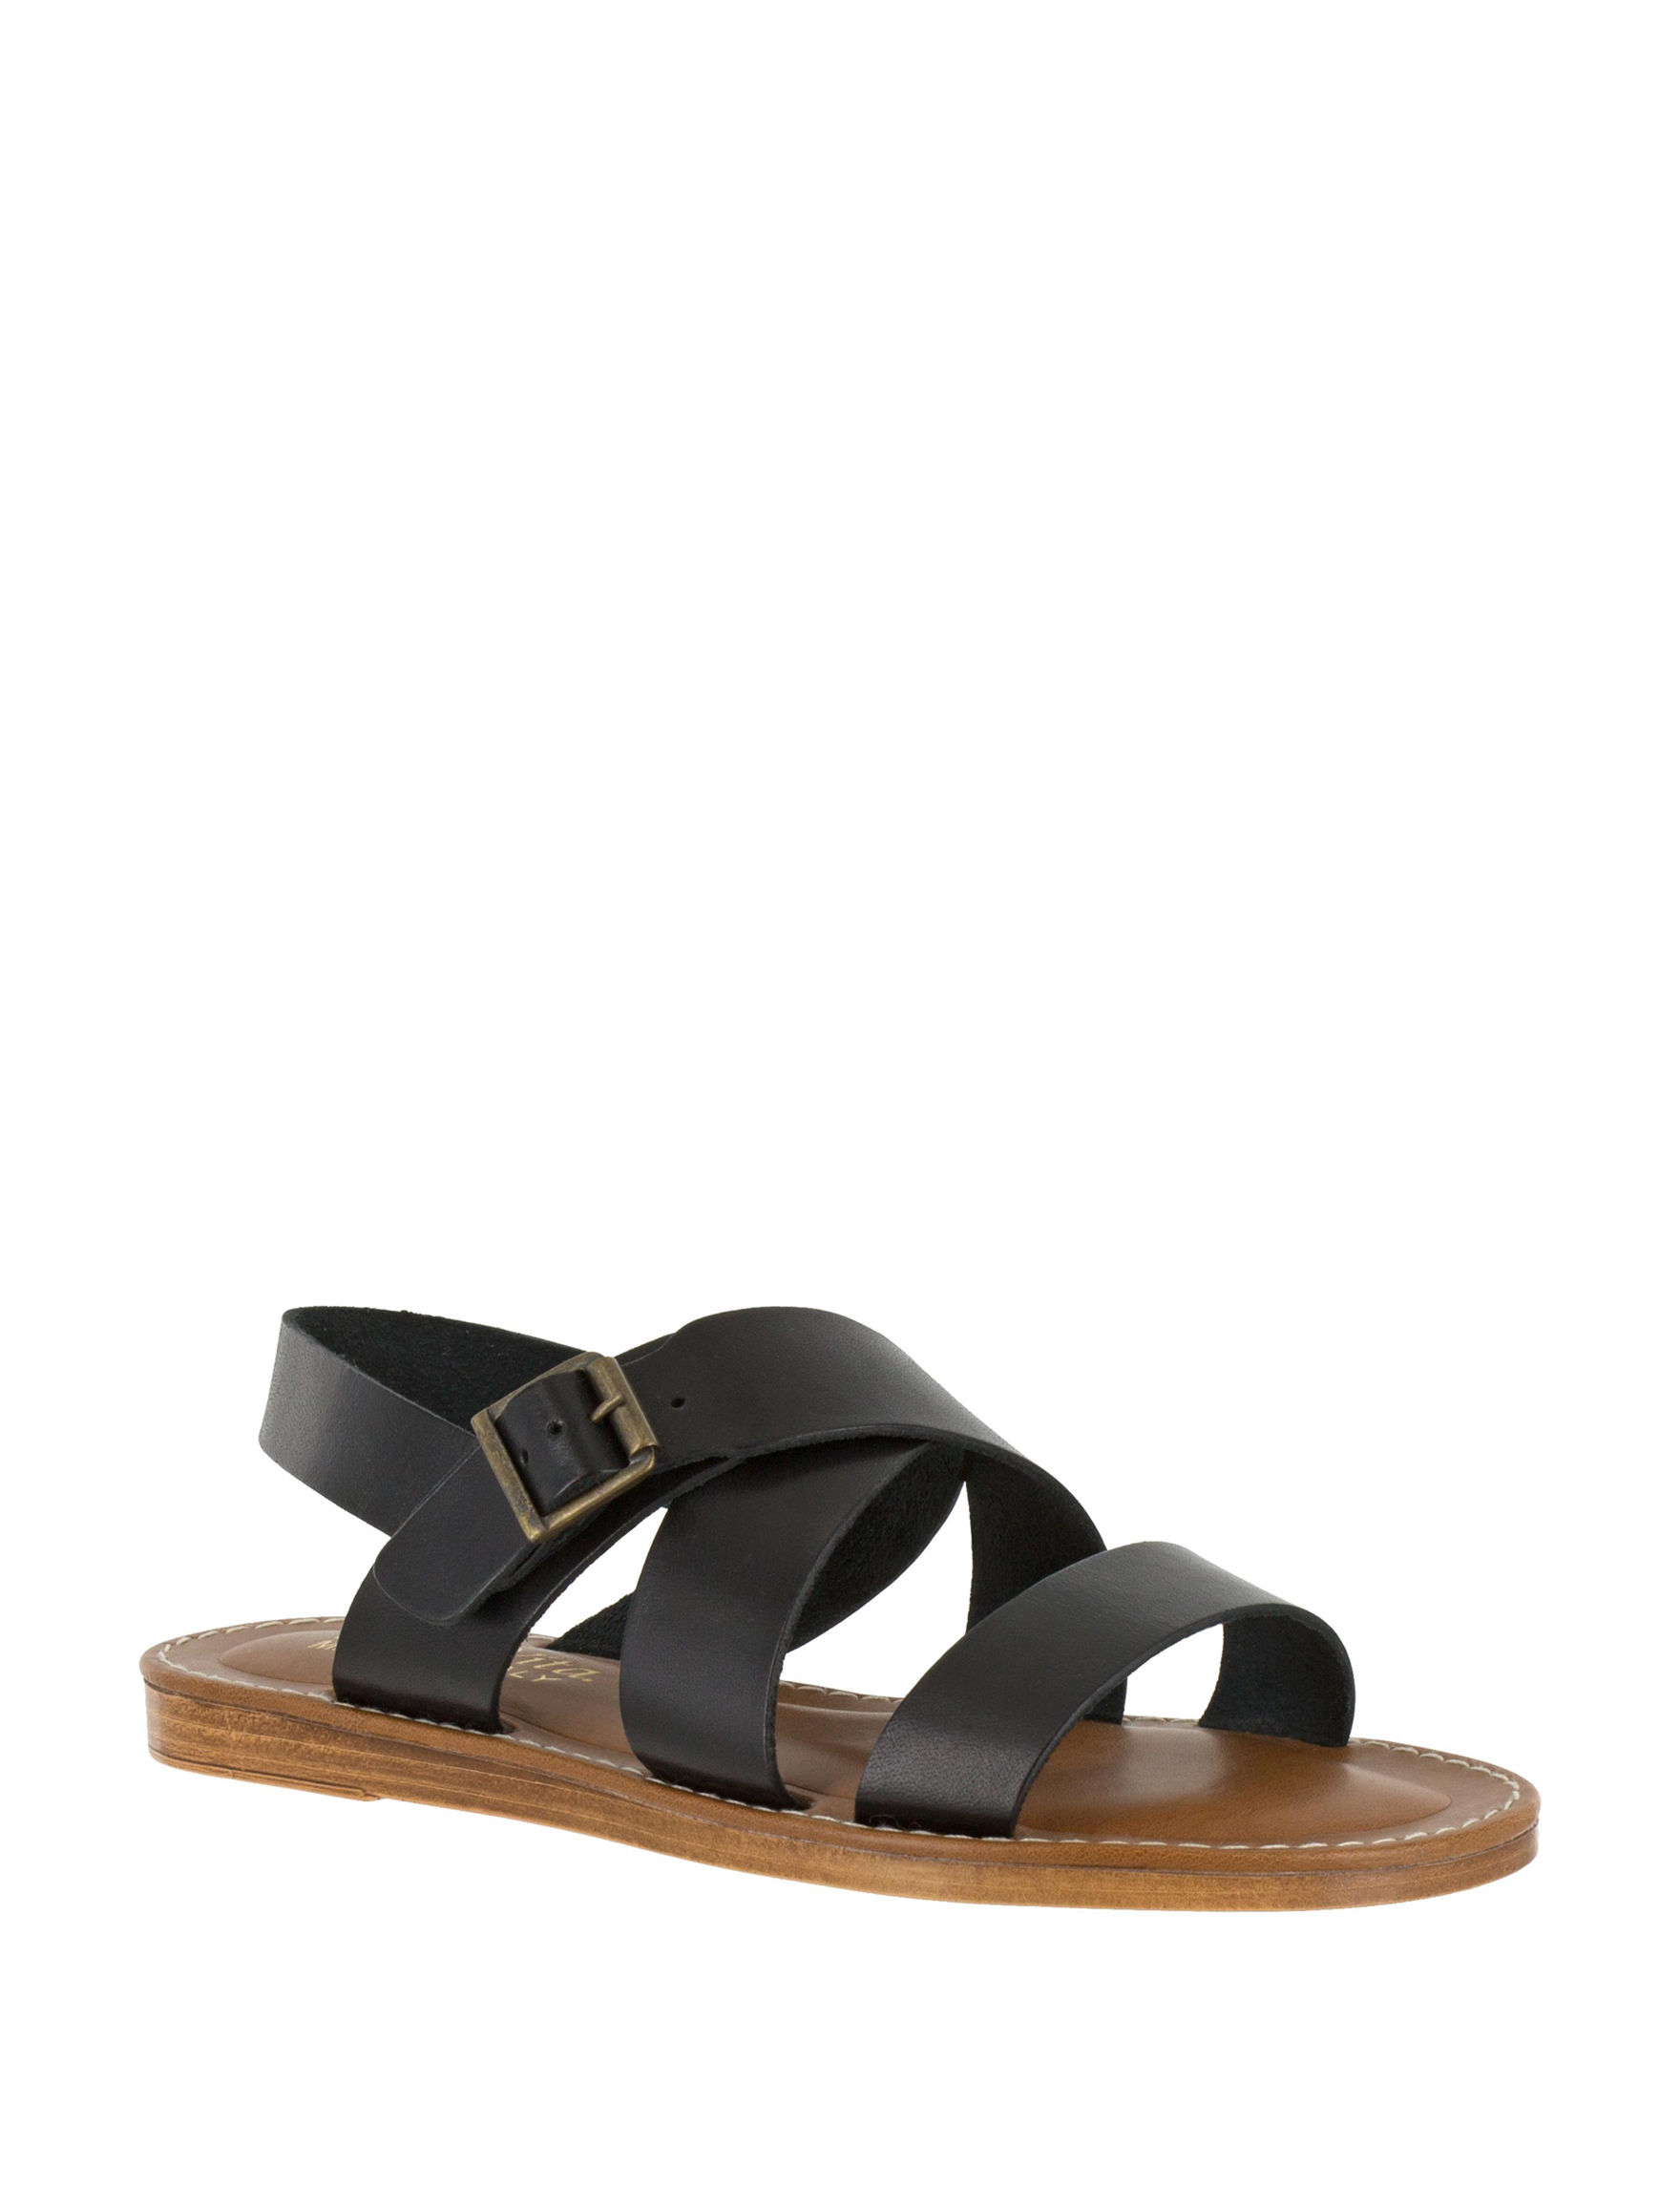 Bella Vita Black Flat Sandals